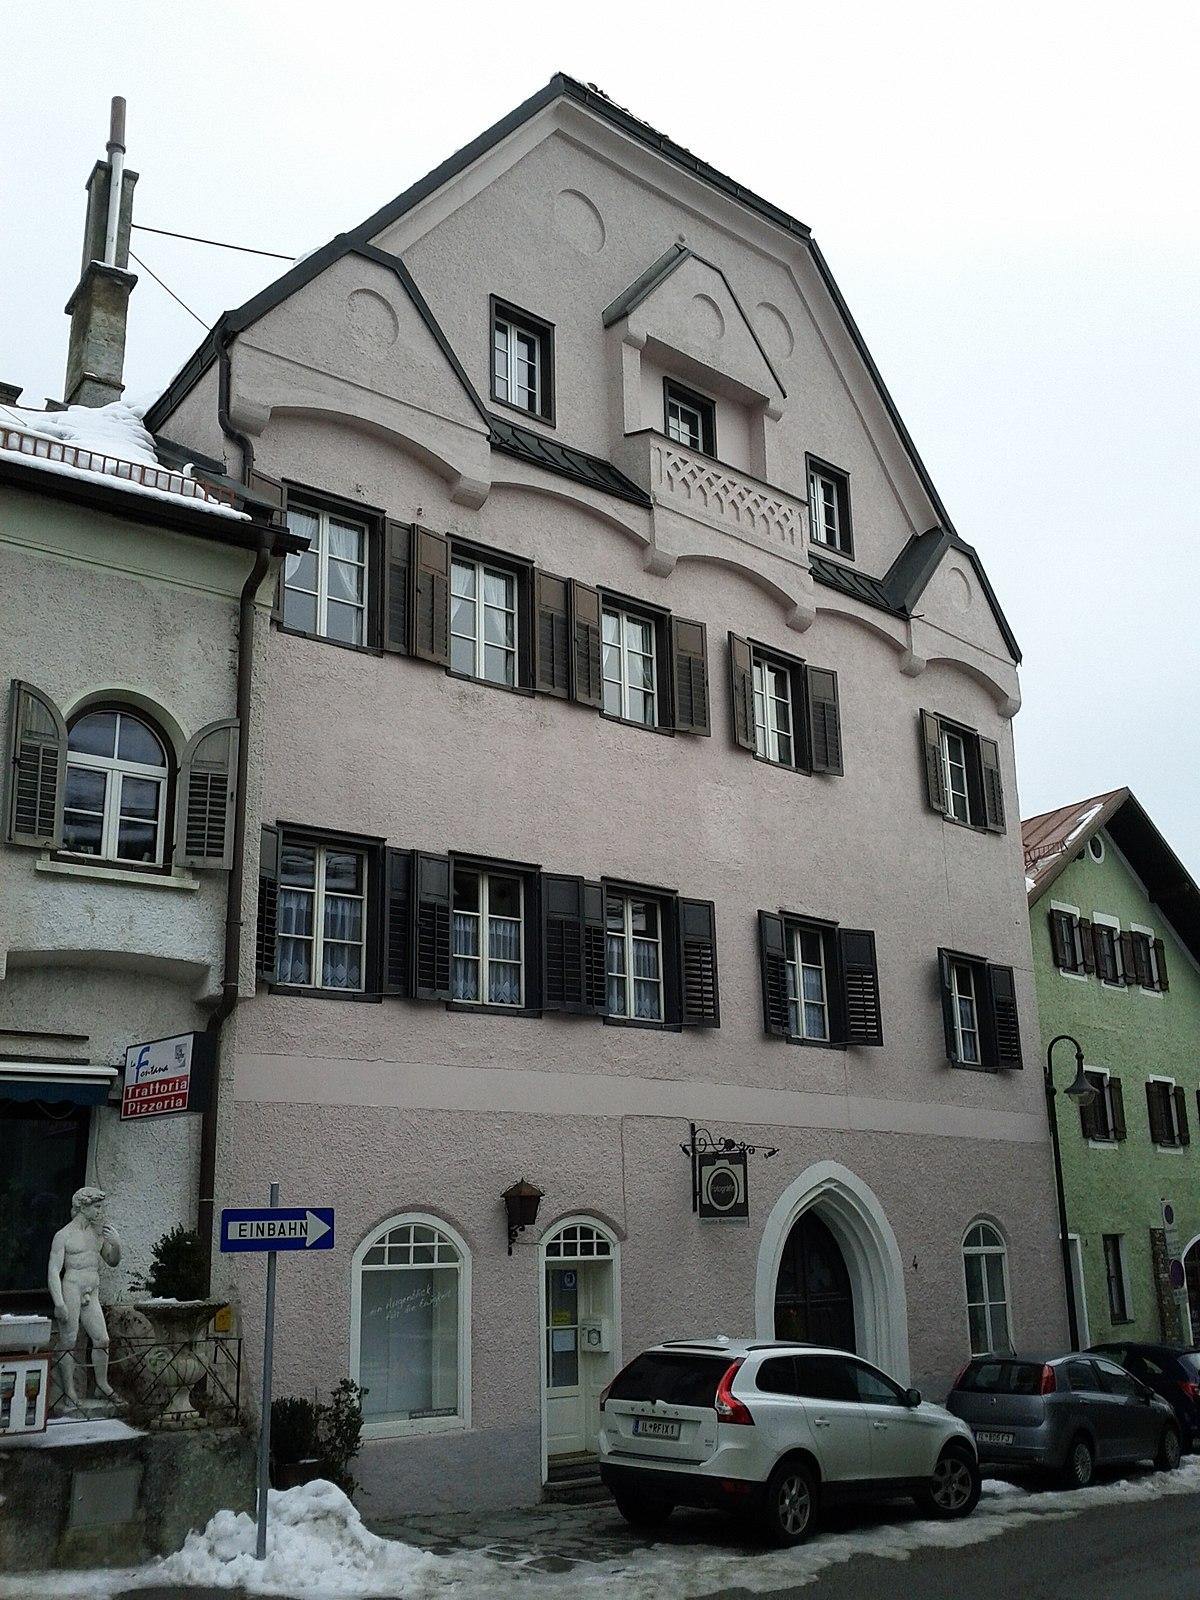 Kameleon - Plattner & Co | Zirl in Tirol